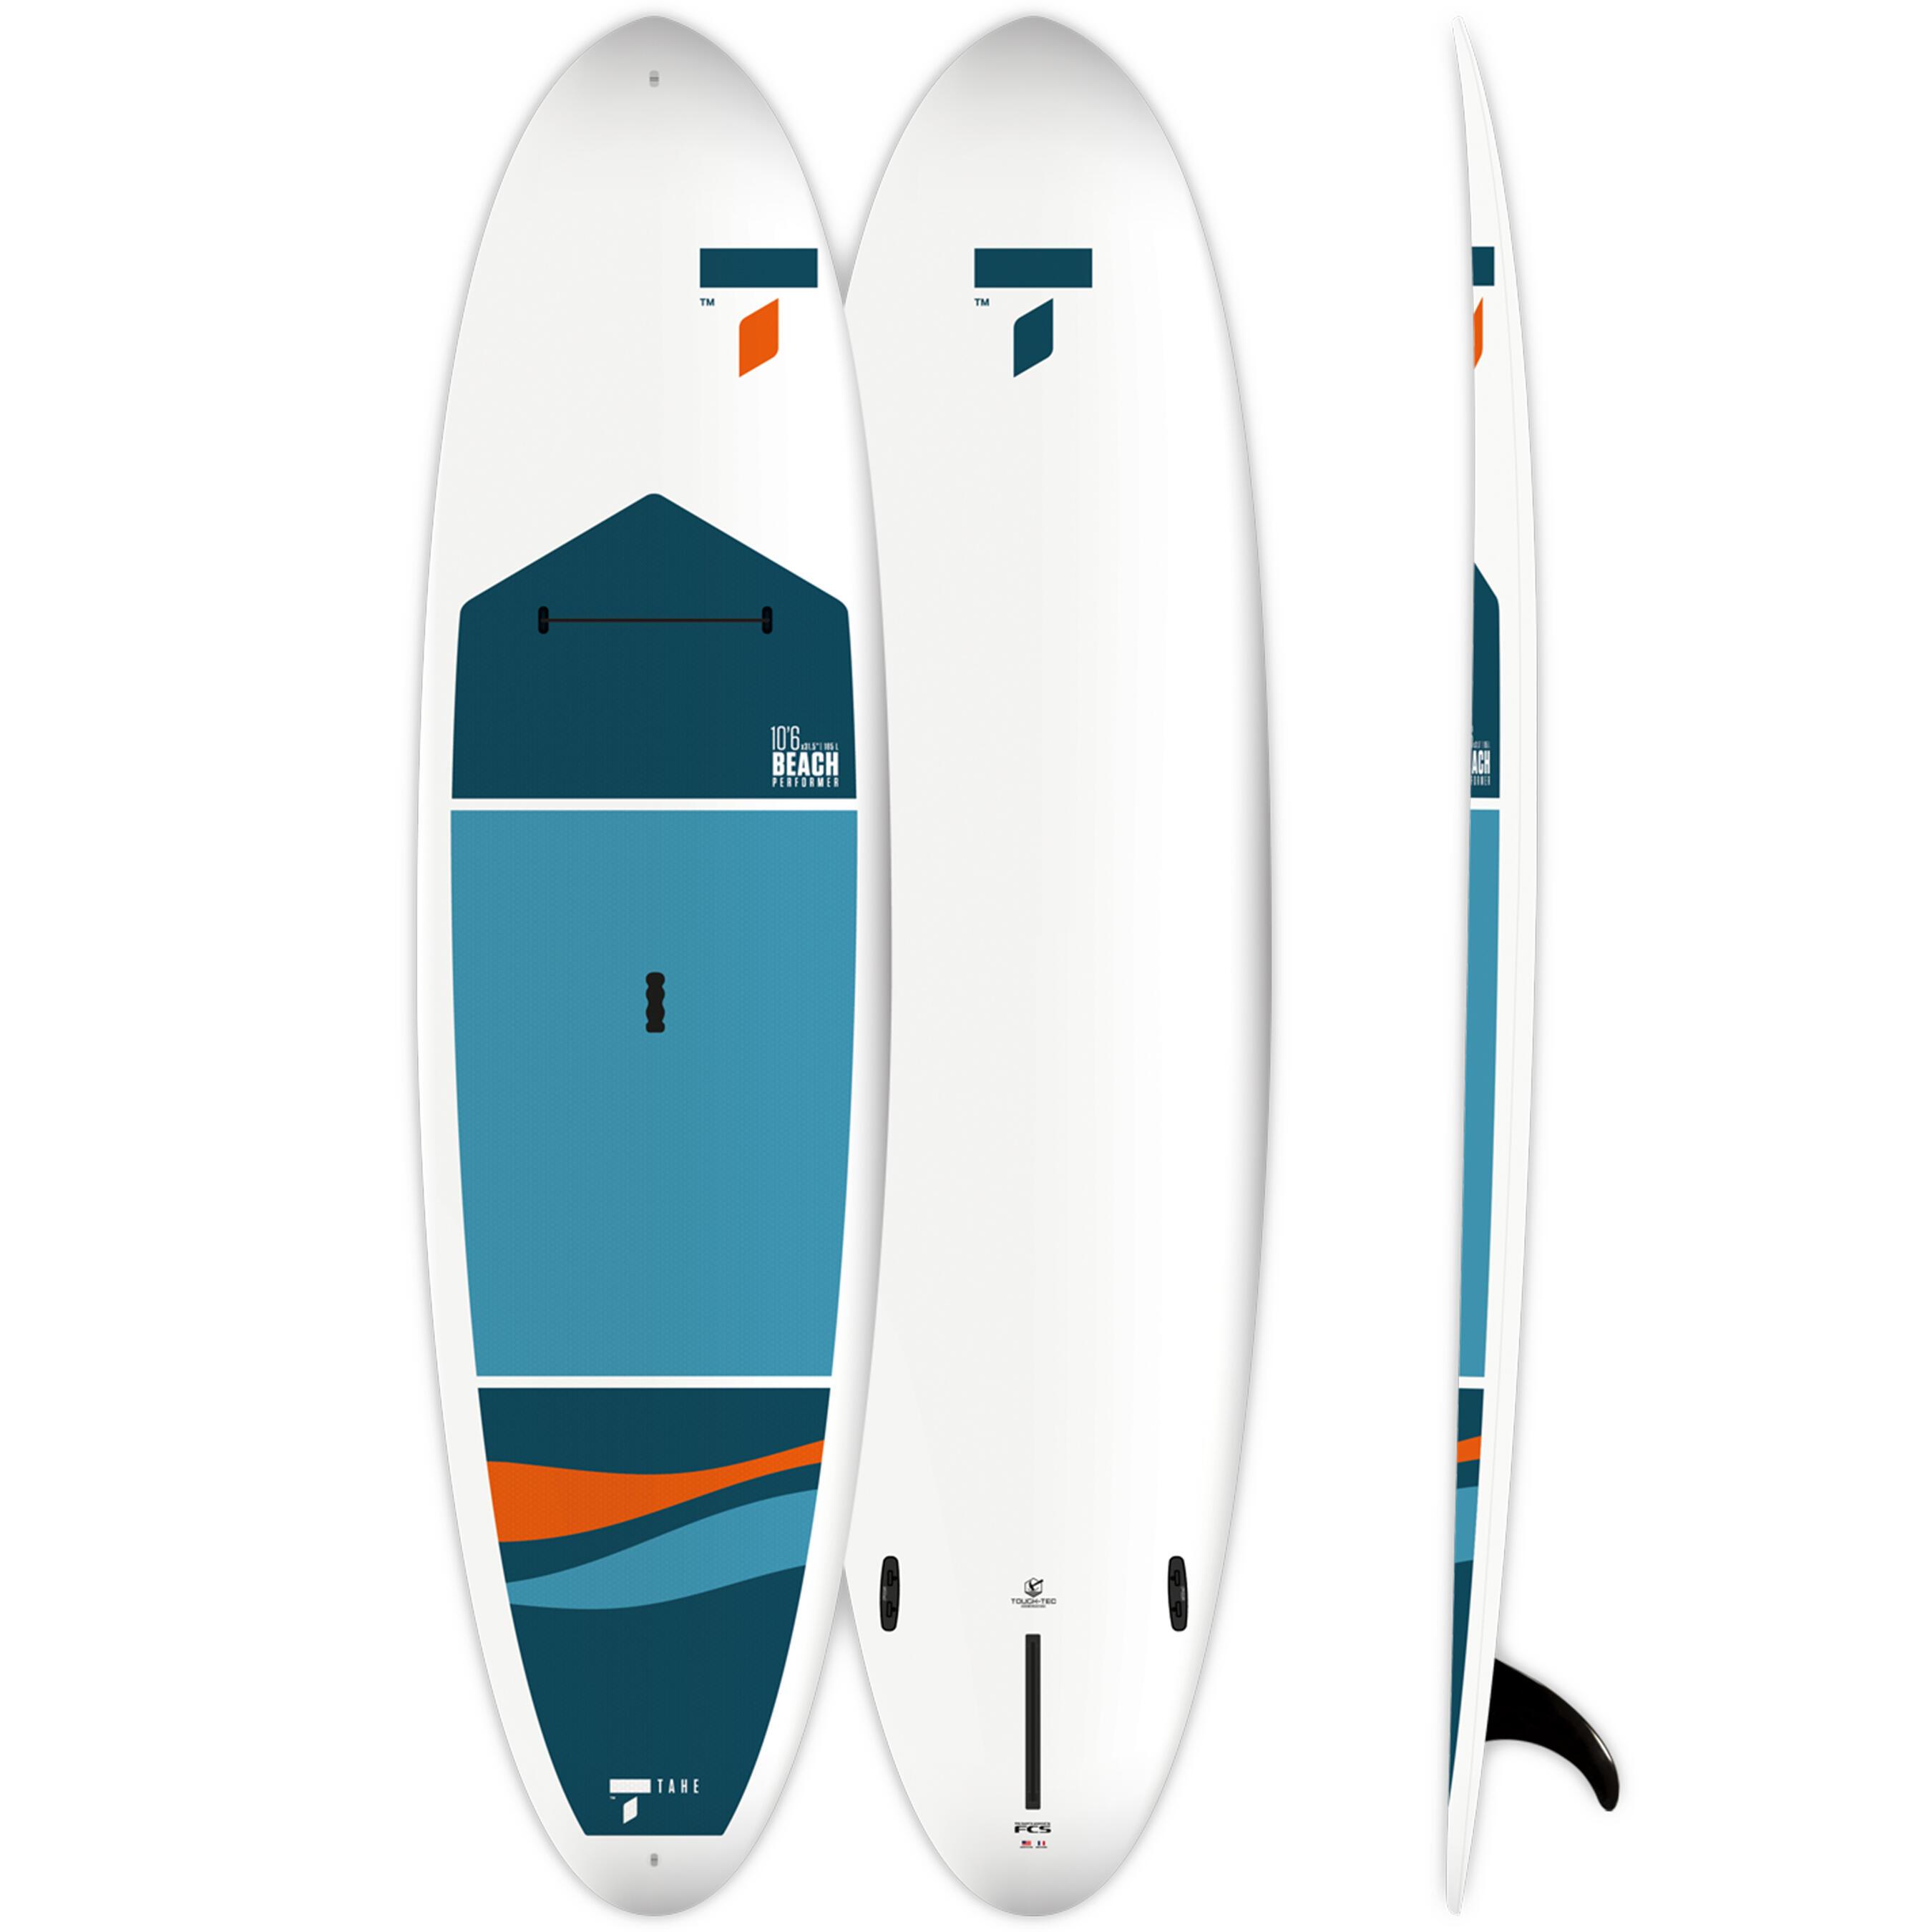 SUP TAHE 10'6 BEACH PERF TT imagine